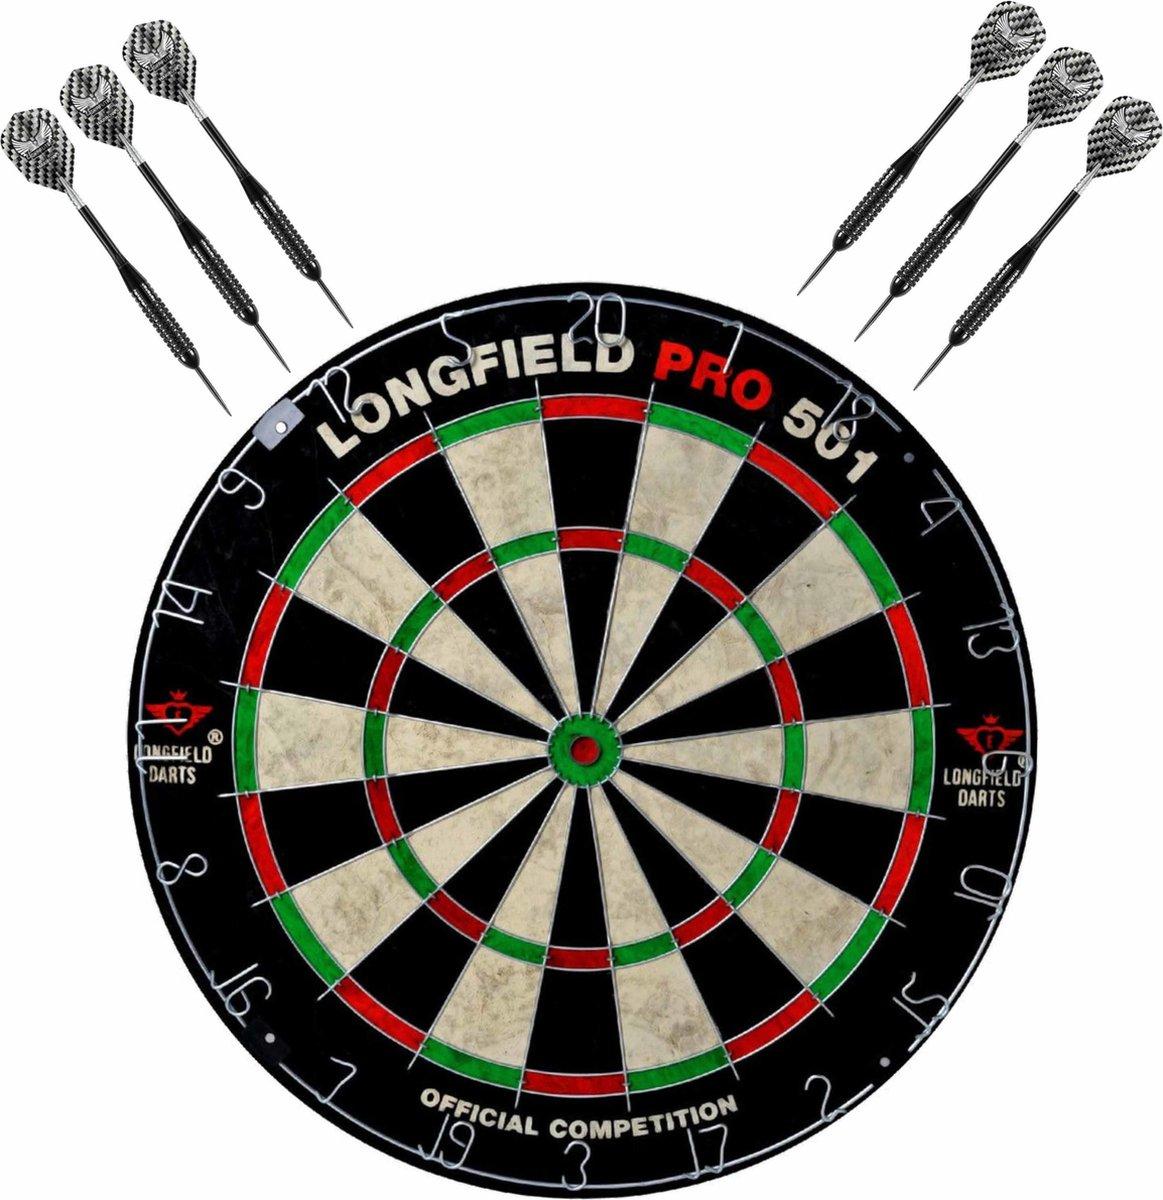 Dartbord set compleet van diameter 45.5 cm met 6x Black Arrow dartpijlen van 25 gram - Sporten darts